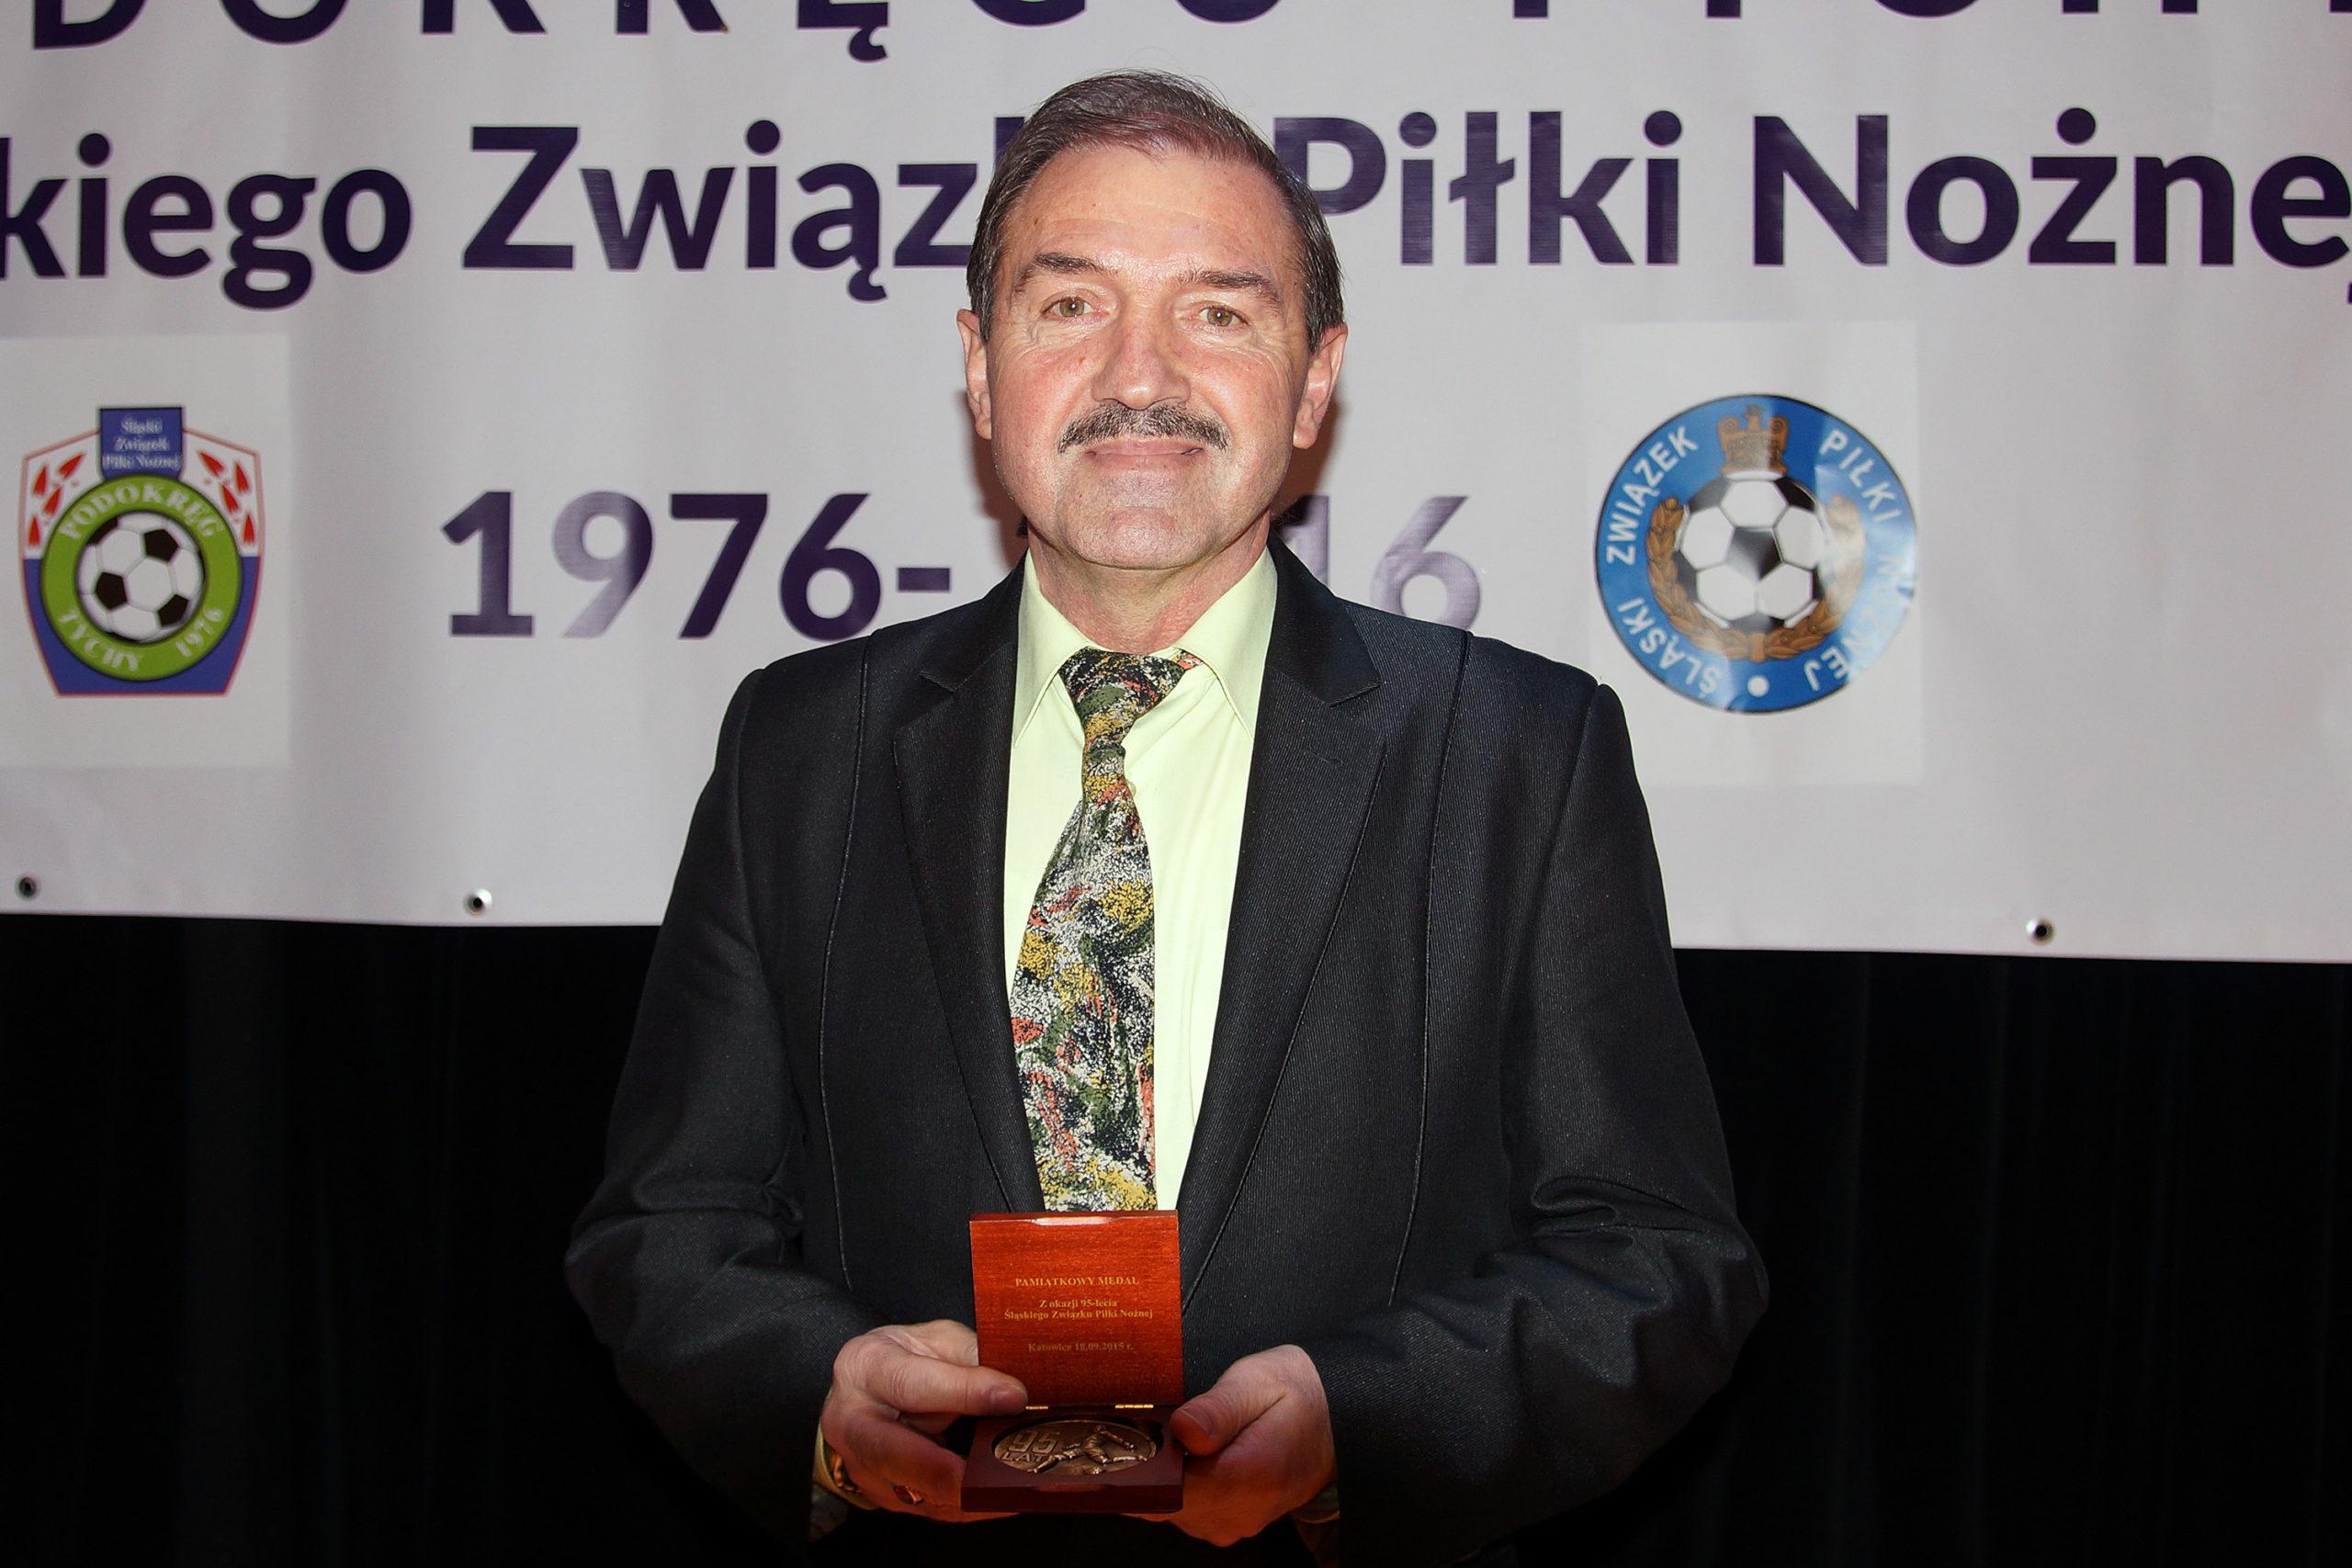 Szachnitowski